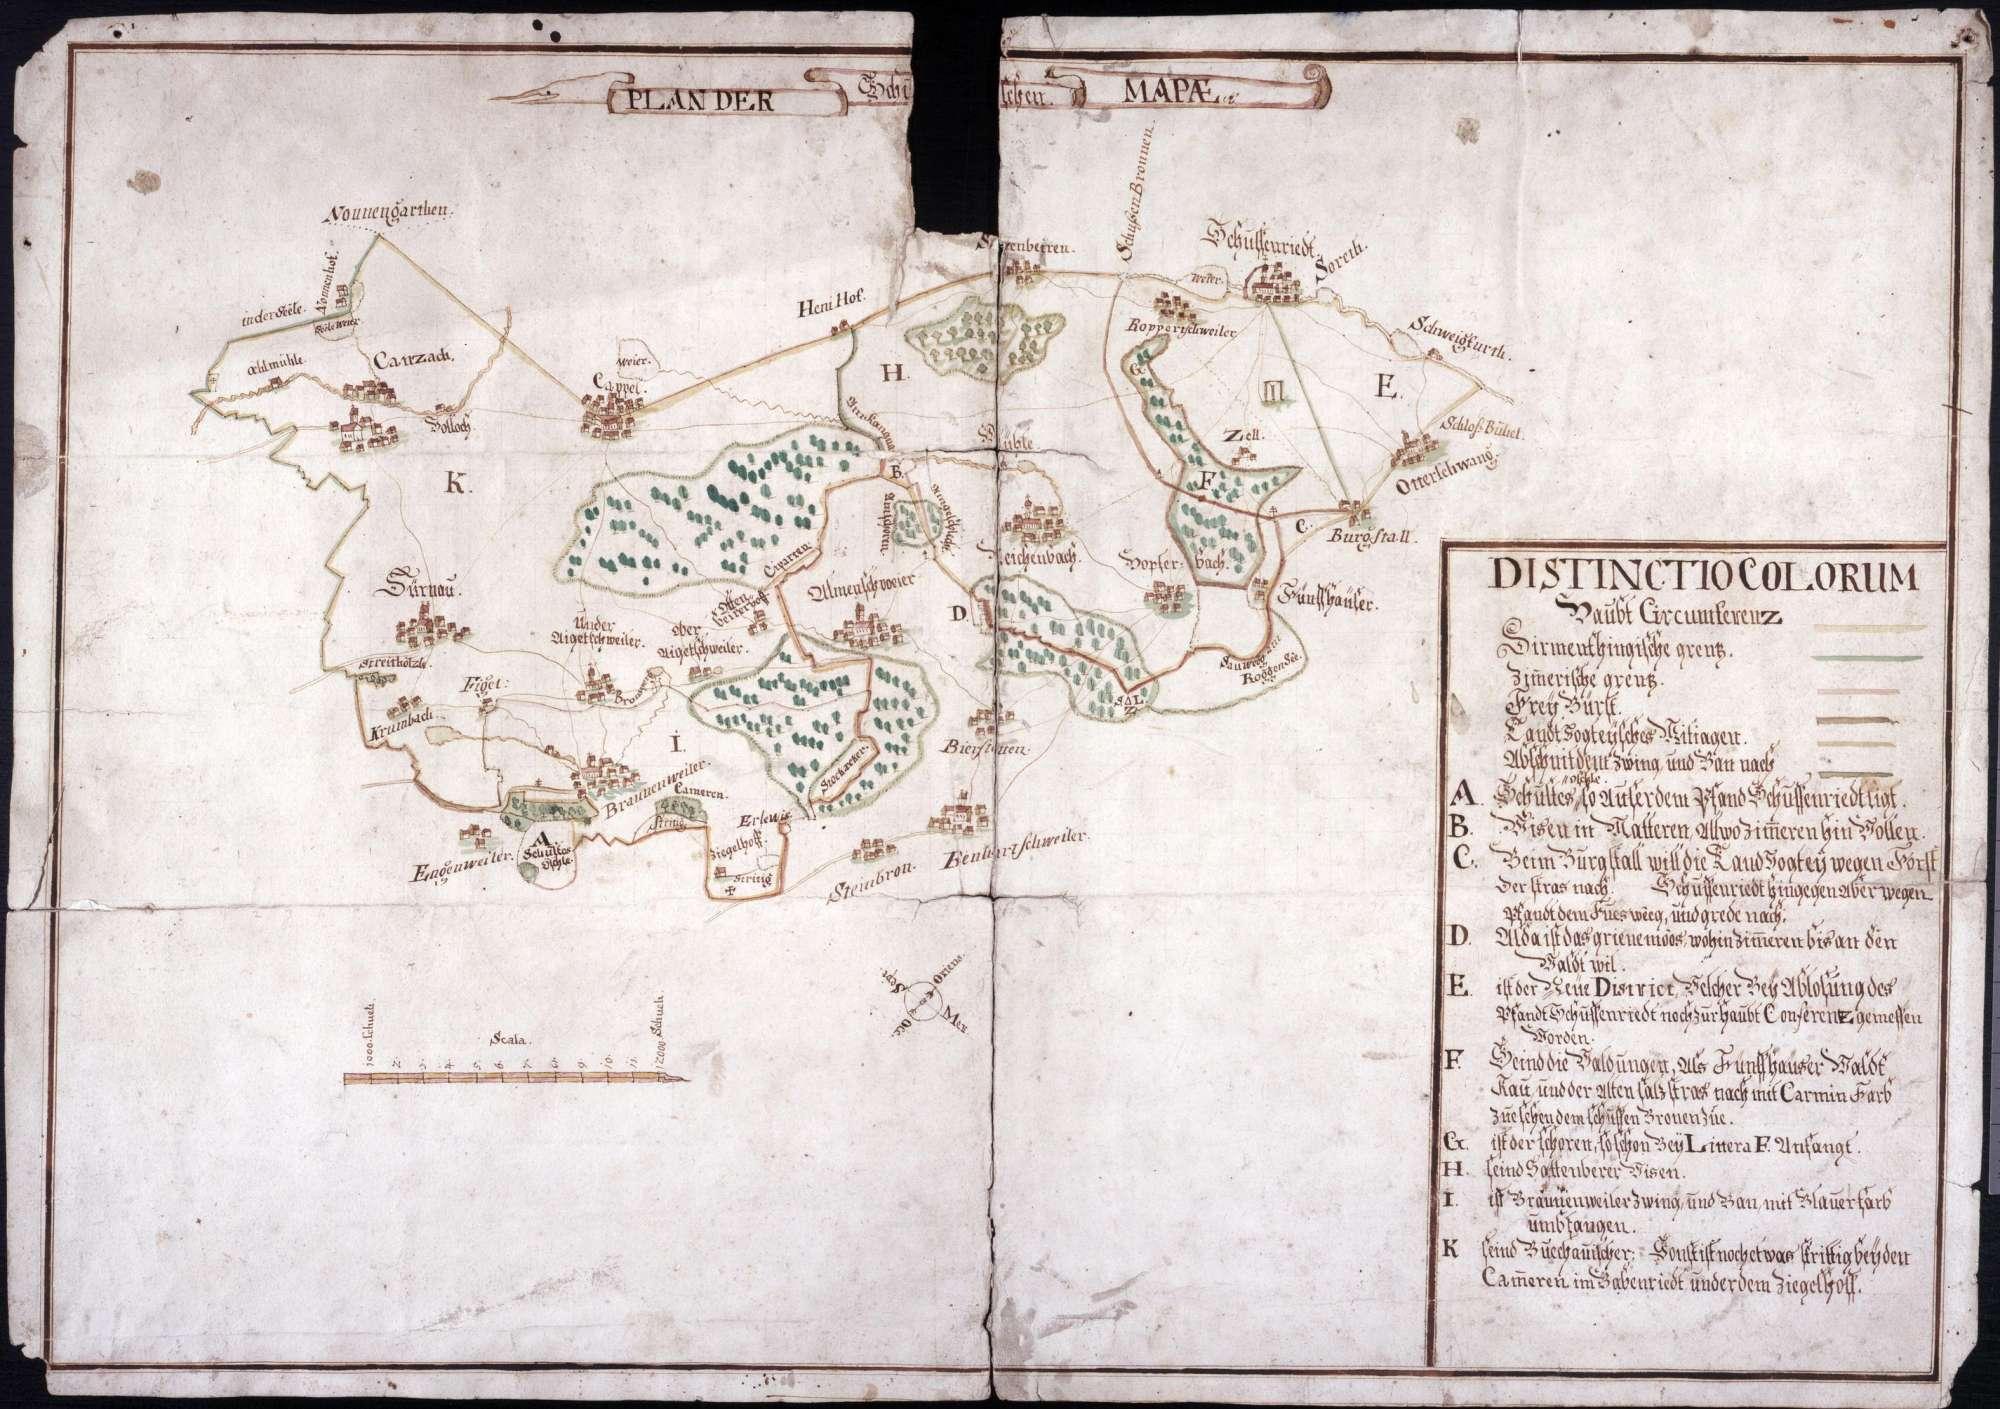 """Schussenried Maßstab ca. 1 : 300000 col. handgez. (Da der Zipfel bei Otterswang als der """"neue Distrikt"""" bezeichnet wird, der bei der Ablösung des Pfandes Schussenried noch zur Hauptcircumferenz zugemessen wurde, so muss die Karte bald nach 1744/47 gefertigt worden sein), Bild 1"""